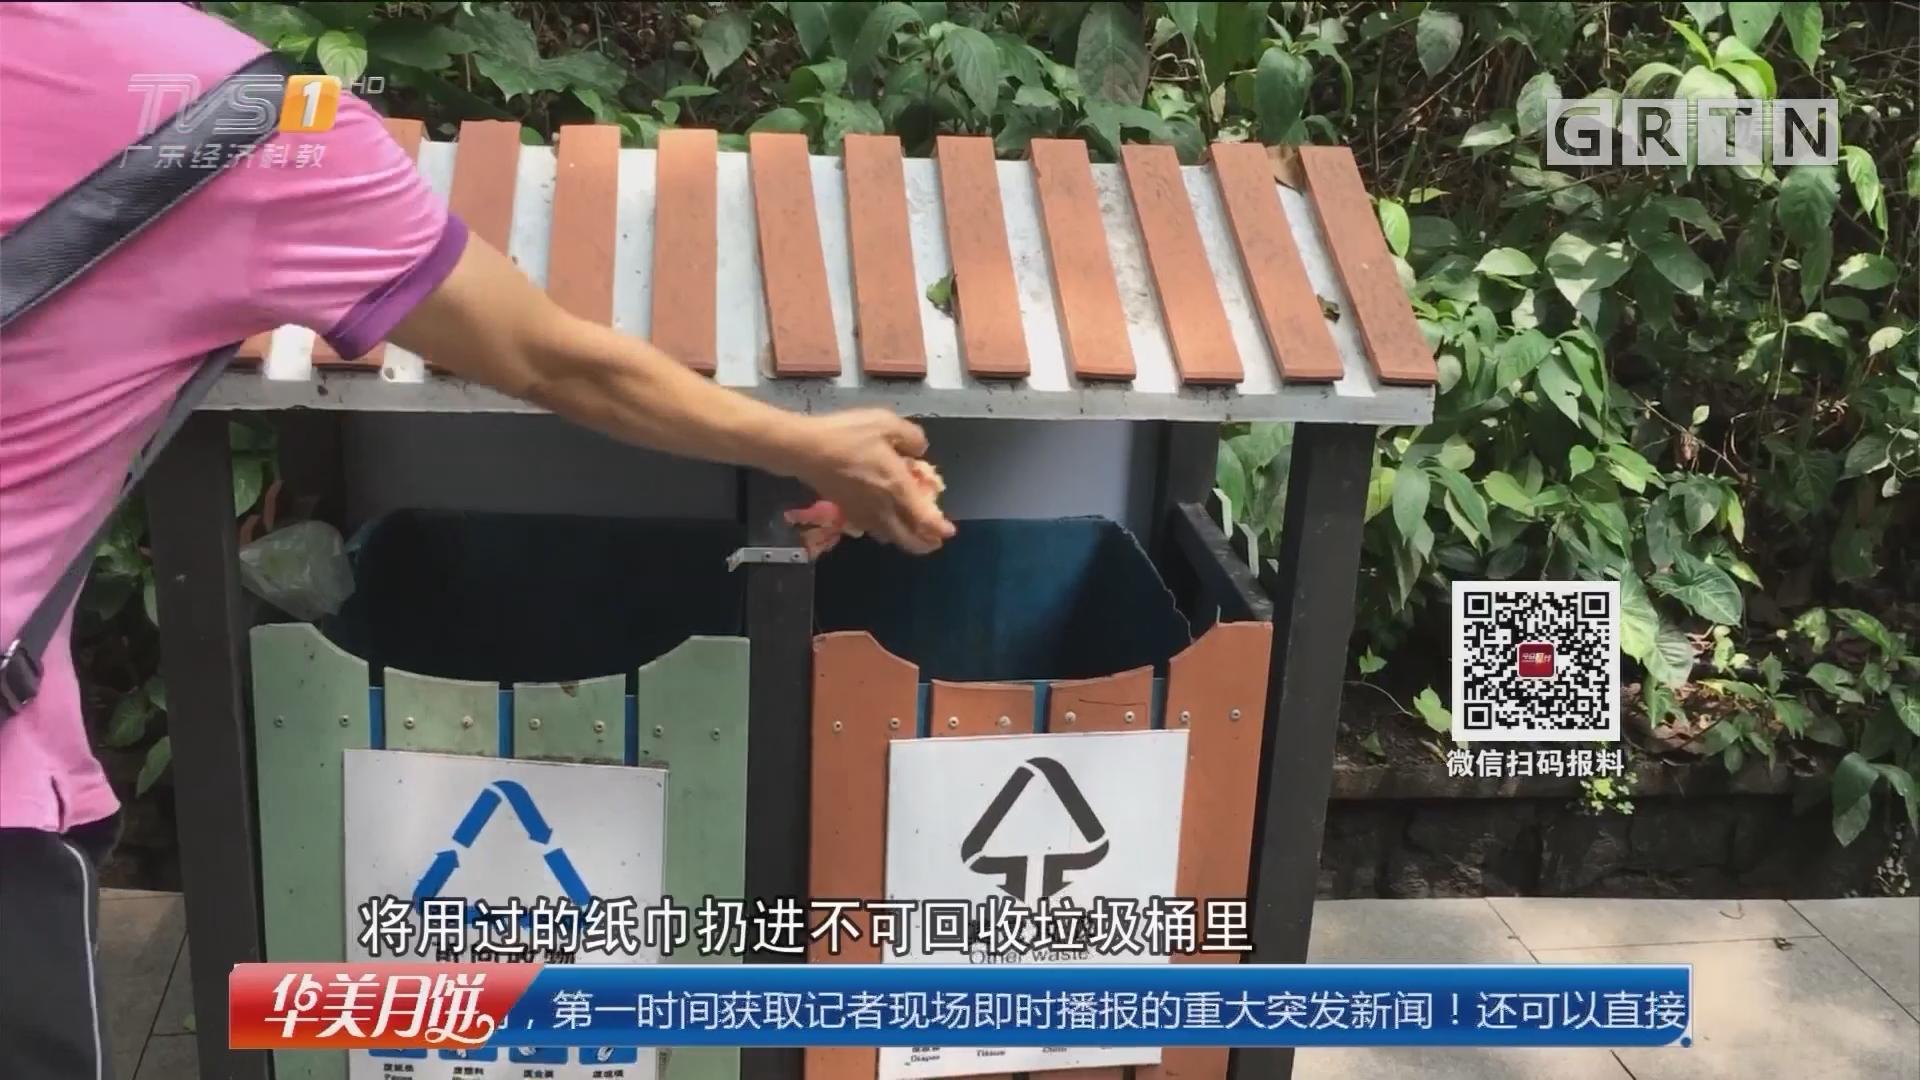 广州:生活垃圾强制分类 两天发88张整改书